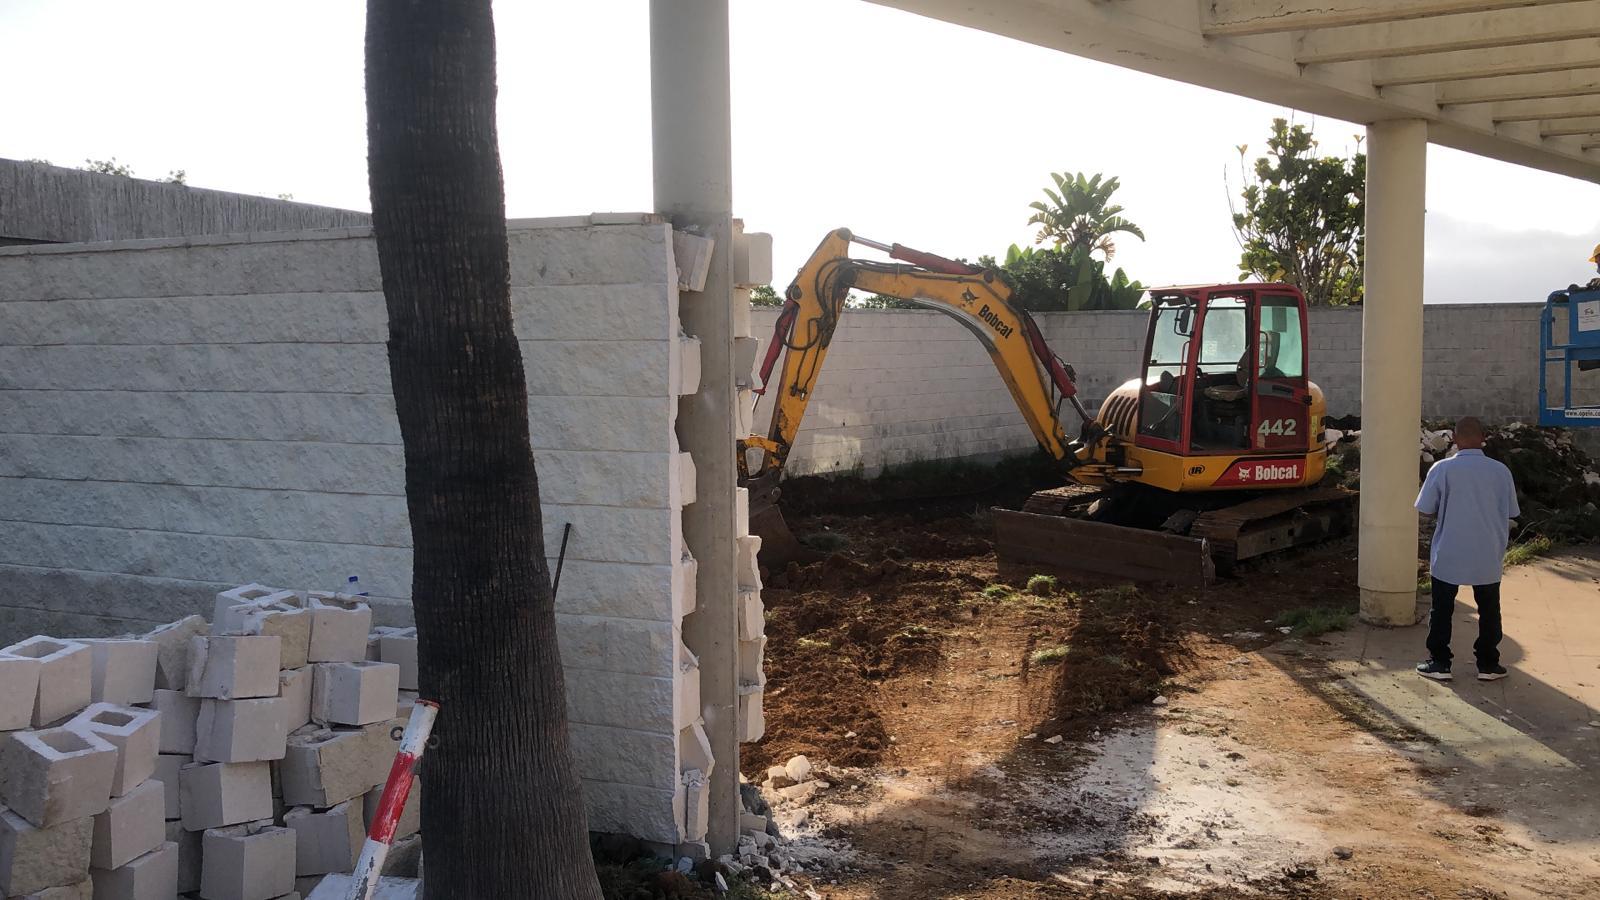 Sanidad inicia las obras de un área independiente en el Hospital General de La Palma para realizar pruebas de COVID